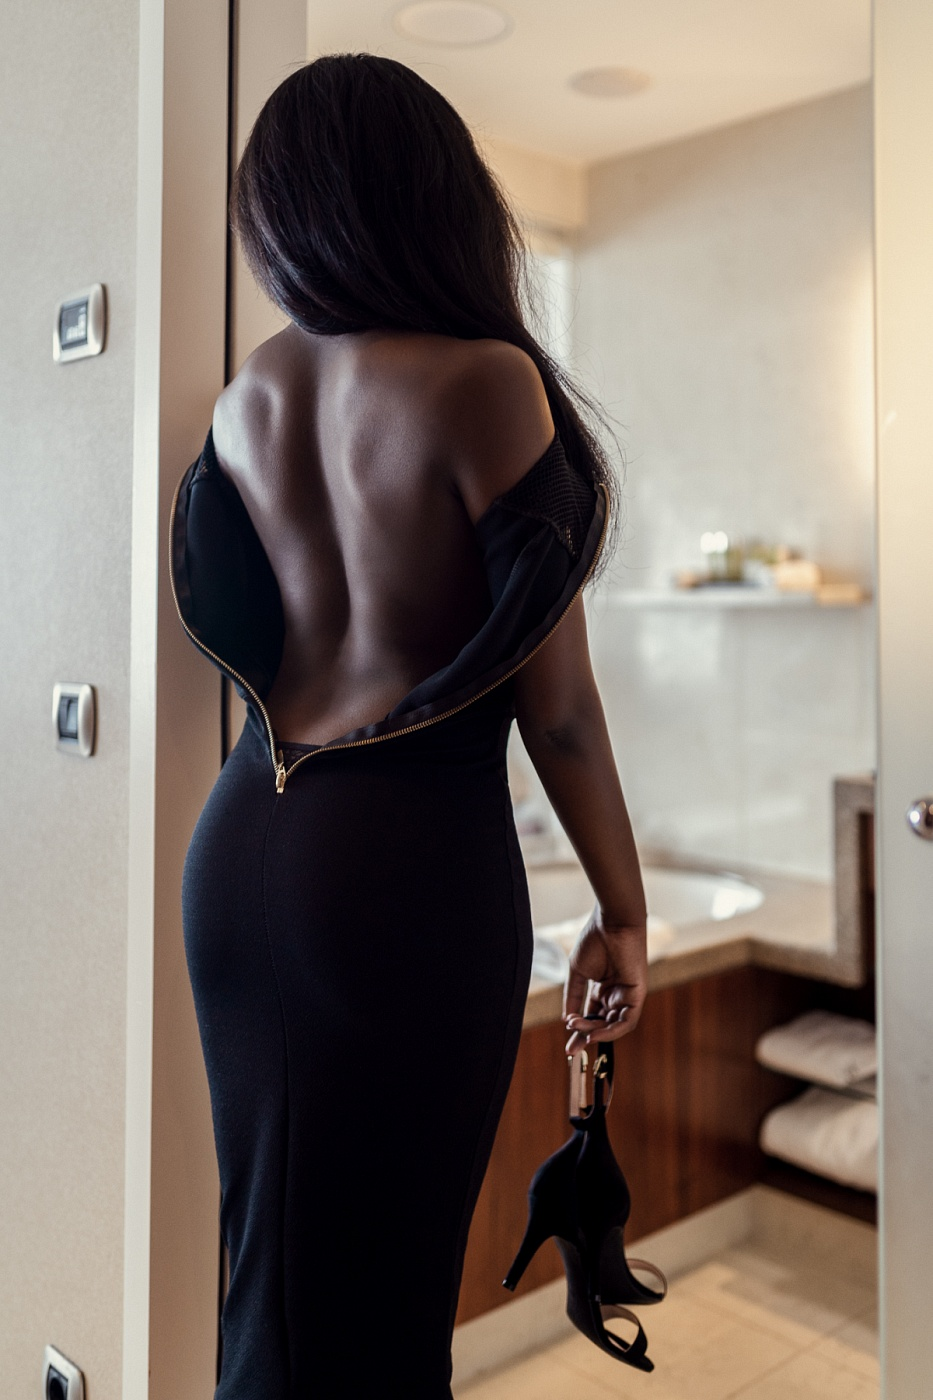 Tiffany Elease